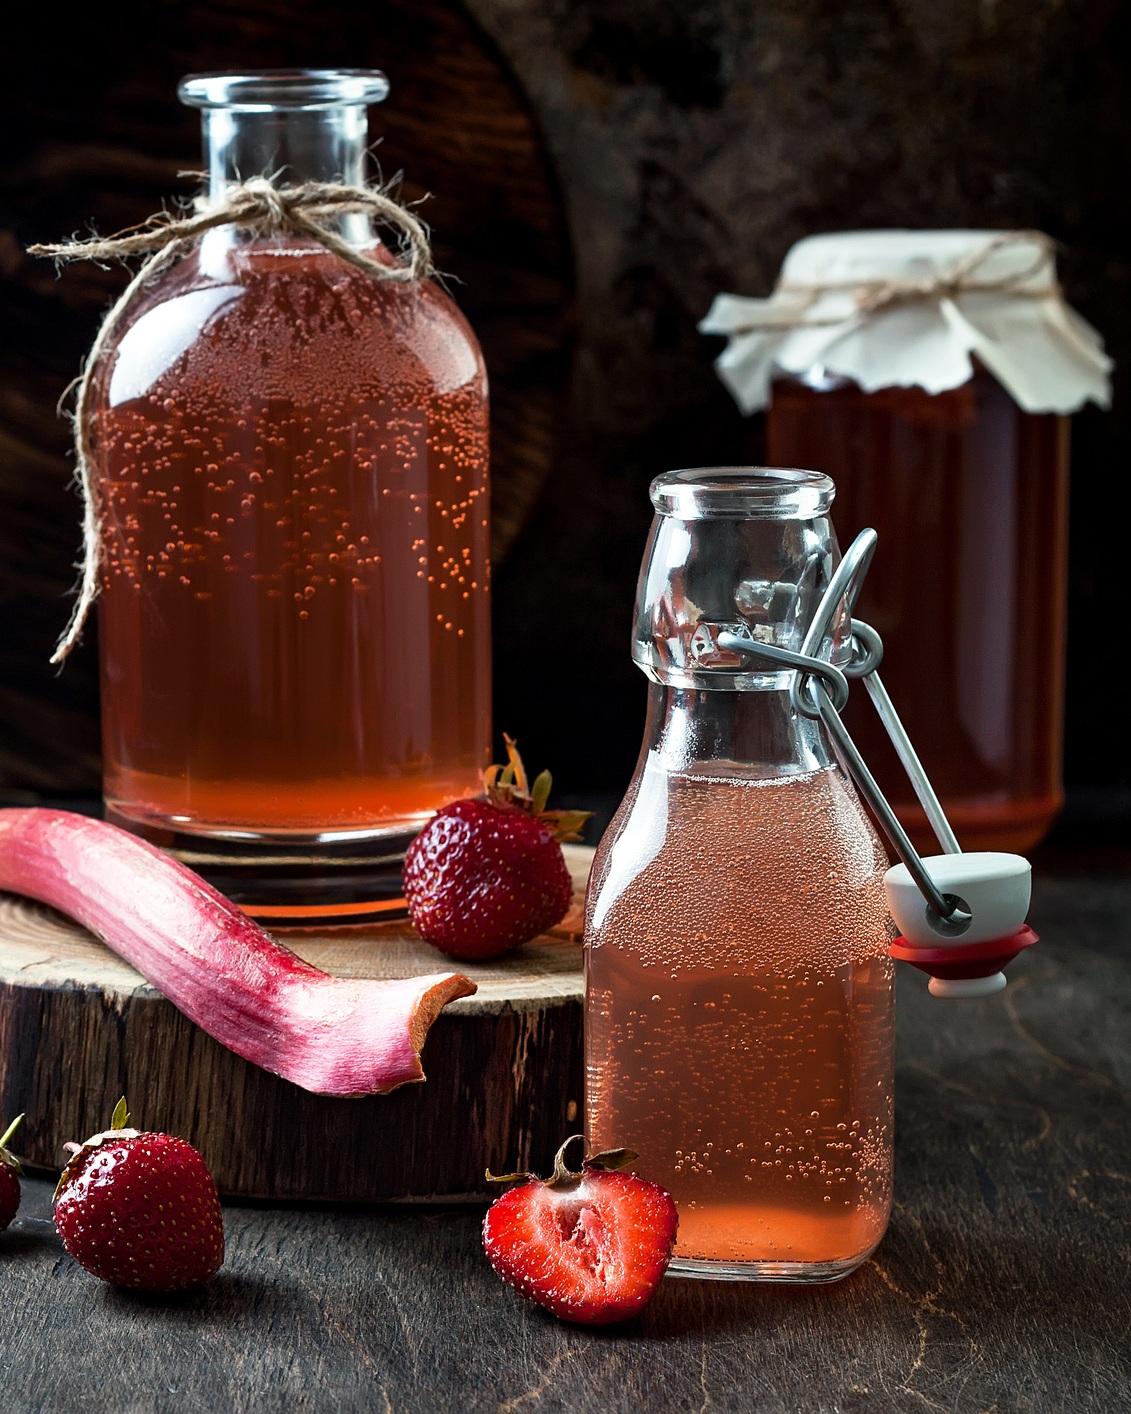 4. Essayez le Kombucha - Cette boisson pétillante vous rappellera le côté effervescent des boissons gazeuses qui est bien apprécié. Si vous ne connaissez pas cette boisson, il s'agit d'un thé fermenté sucré préparé à partir d'un mélange de bactéries et levures. Il faut faire attention, car certains Kombuchas contiennent un peu trop de sucre (jusqu'à 24 g par bouteille). Dans ce cas, optez pour un choix moins sucré ou diminuez votre portion. Vous pouvez aussi faire votre propre Kombucha, ce qui vous permettra de contrôler la quantité de sucre. Malgré tout, le Kombucha est préférable aux boissons gazeuses. De plus, c'est un aliment fermenté et tout le monde gagne à consommer davantage de produits fermentés.